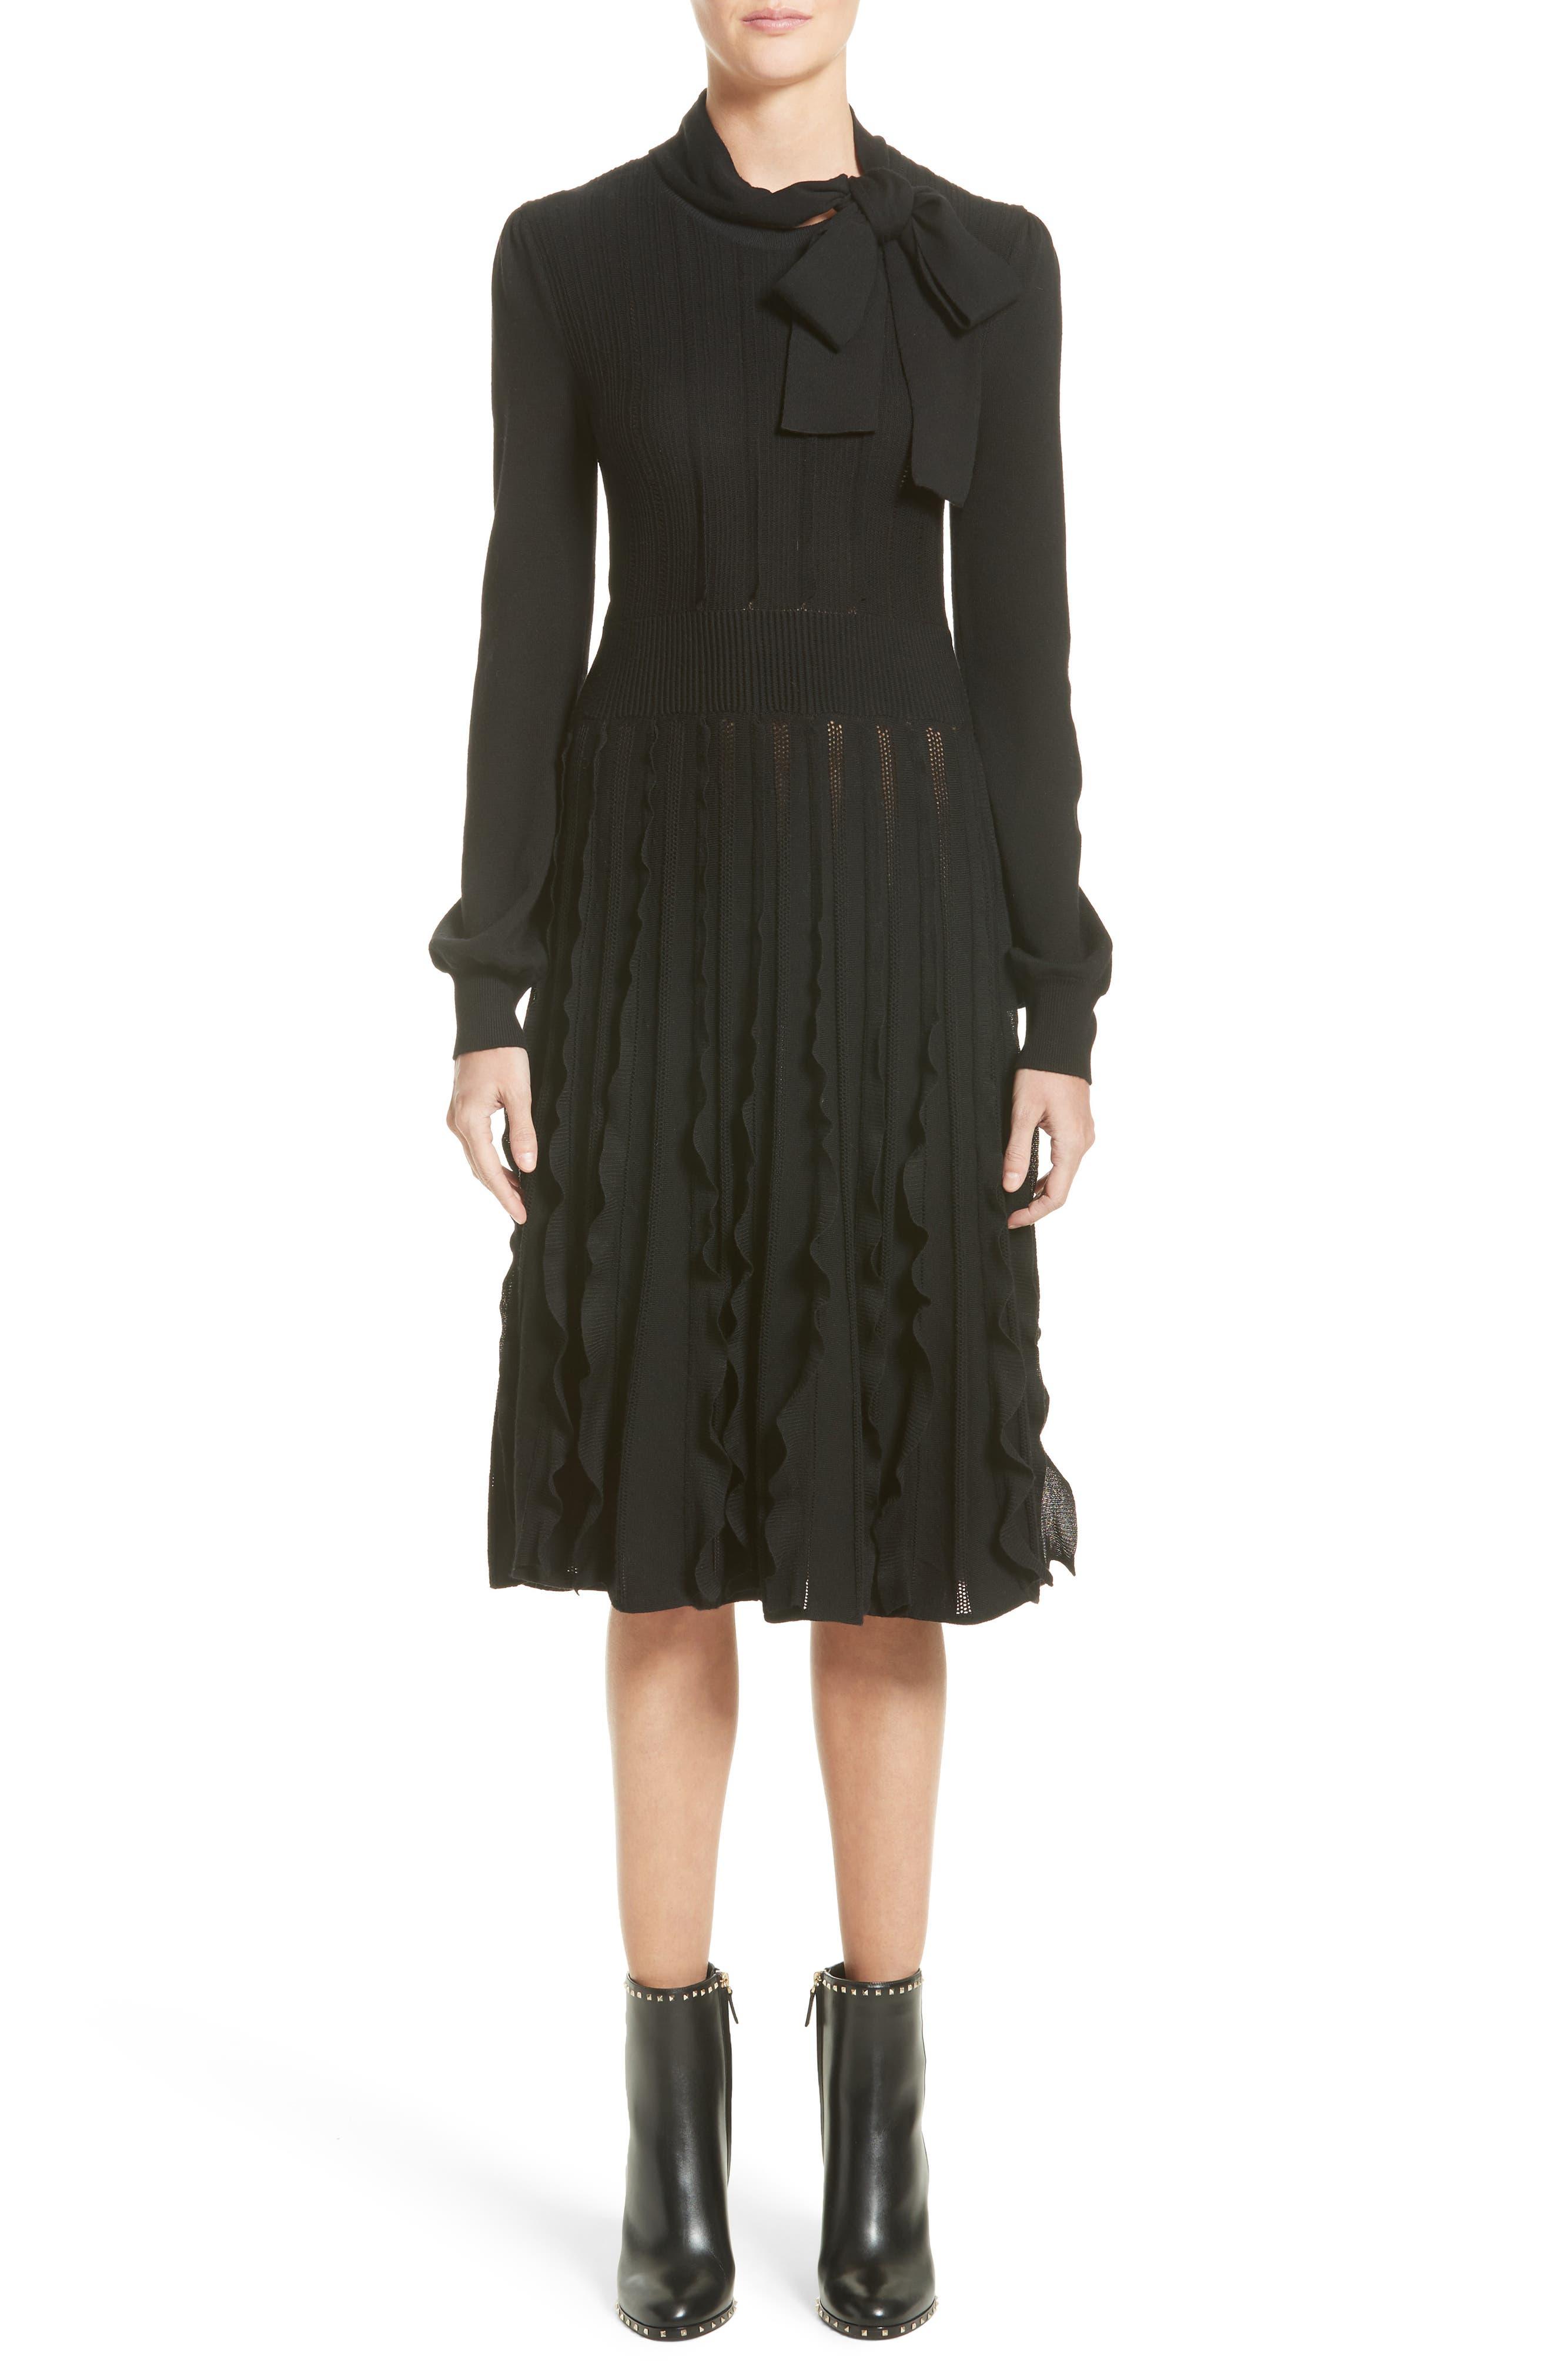 Main Image - Valentino Ruffle Skirt Wool Knit Dress